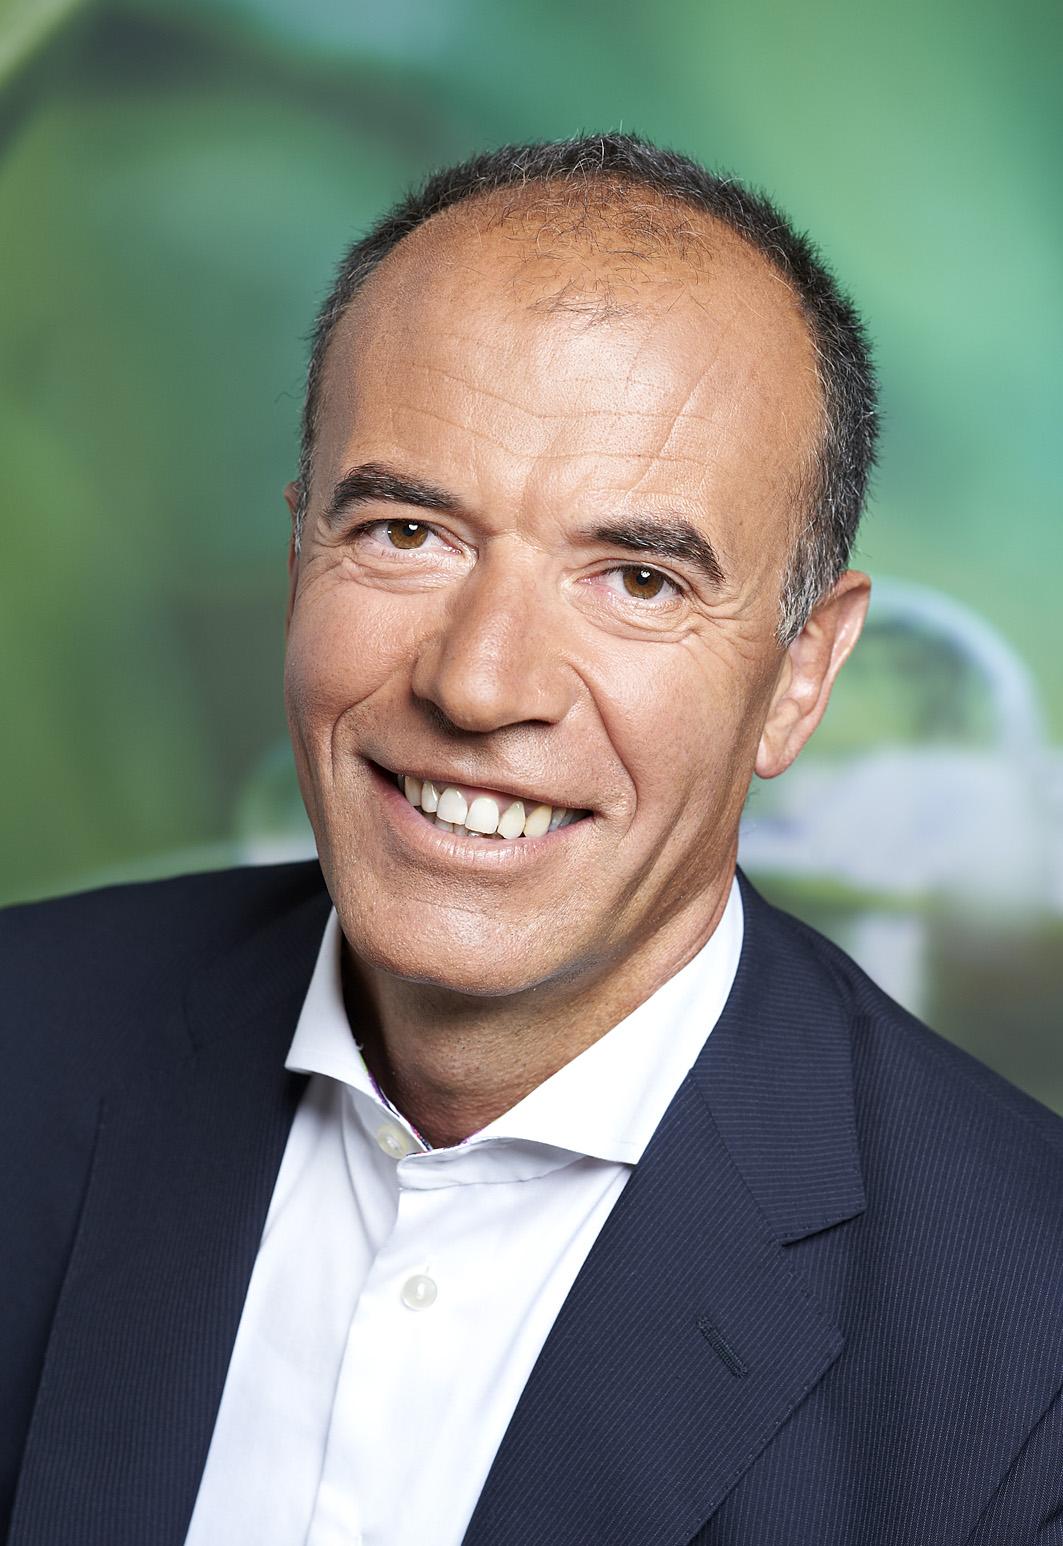 Hansruedi Henggeler IEC GmbH